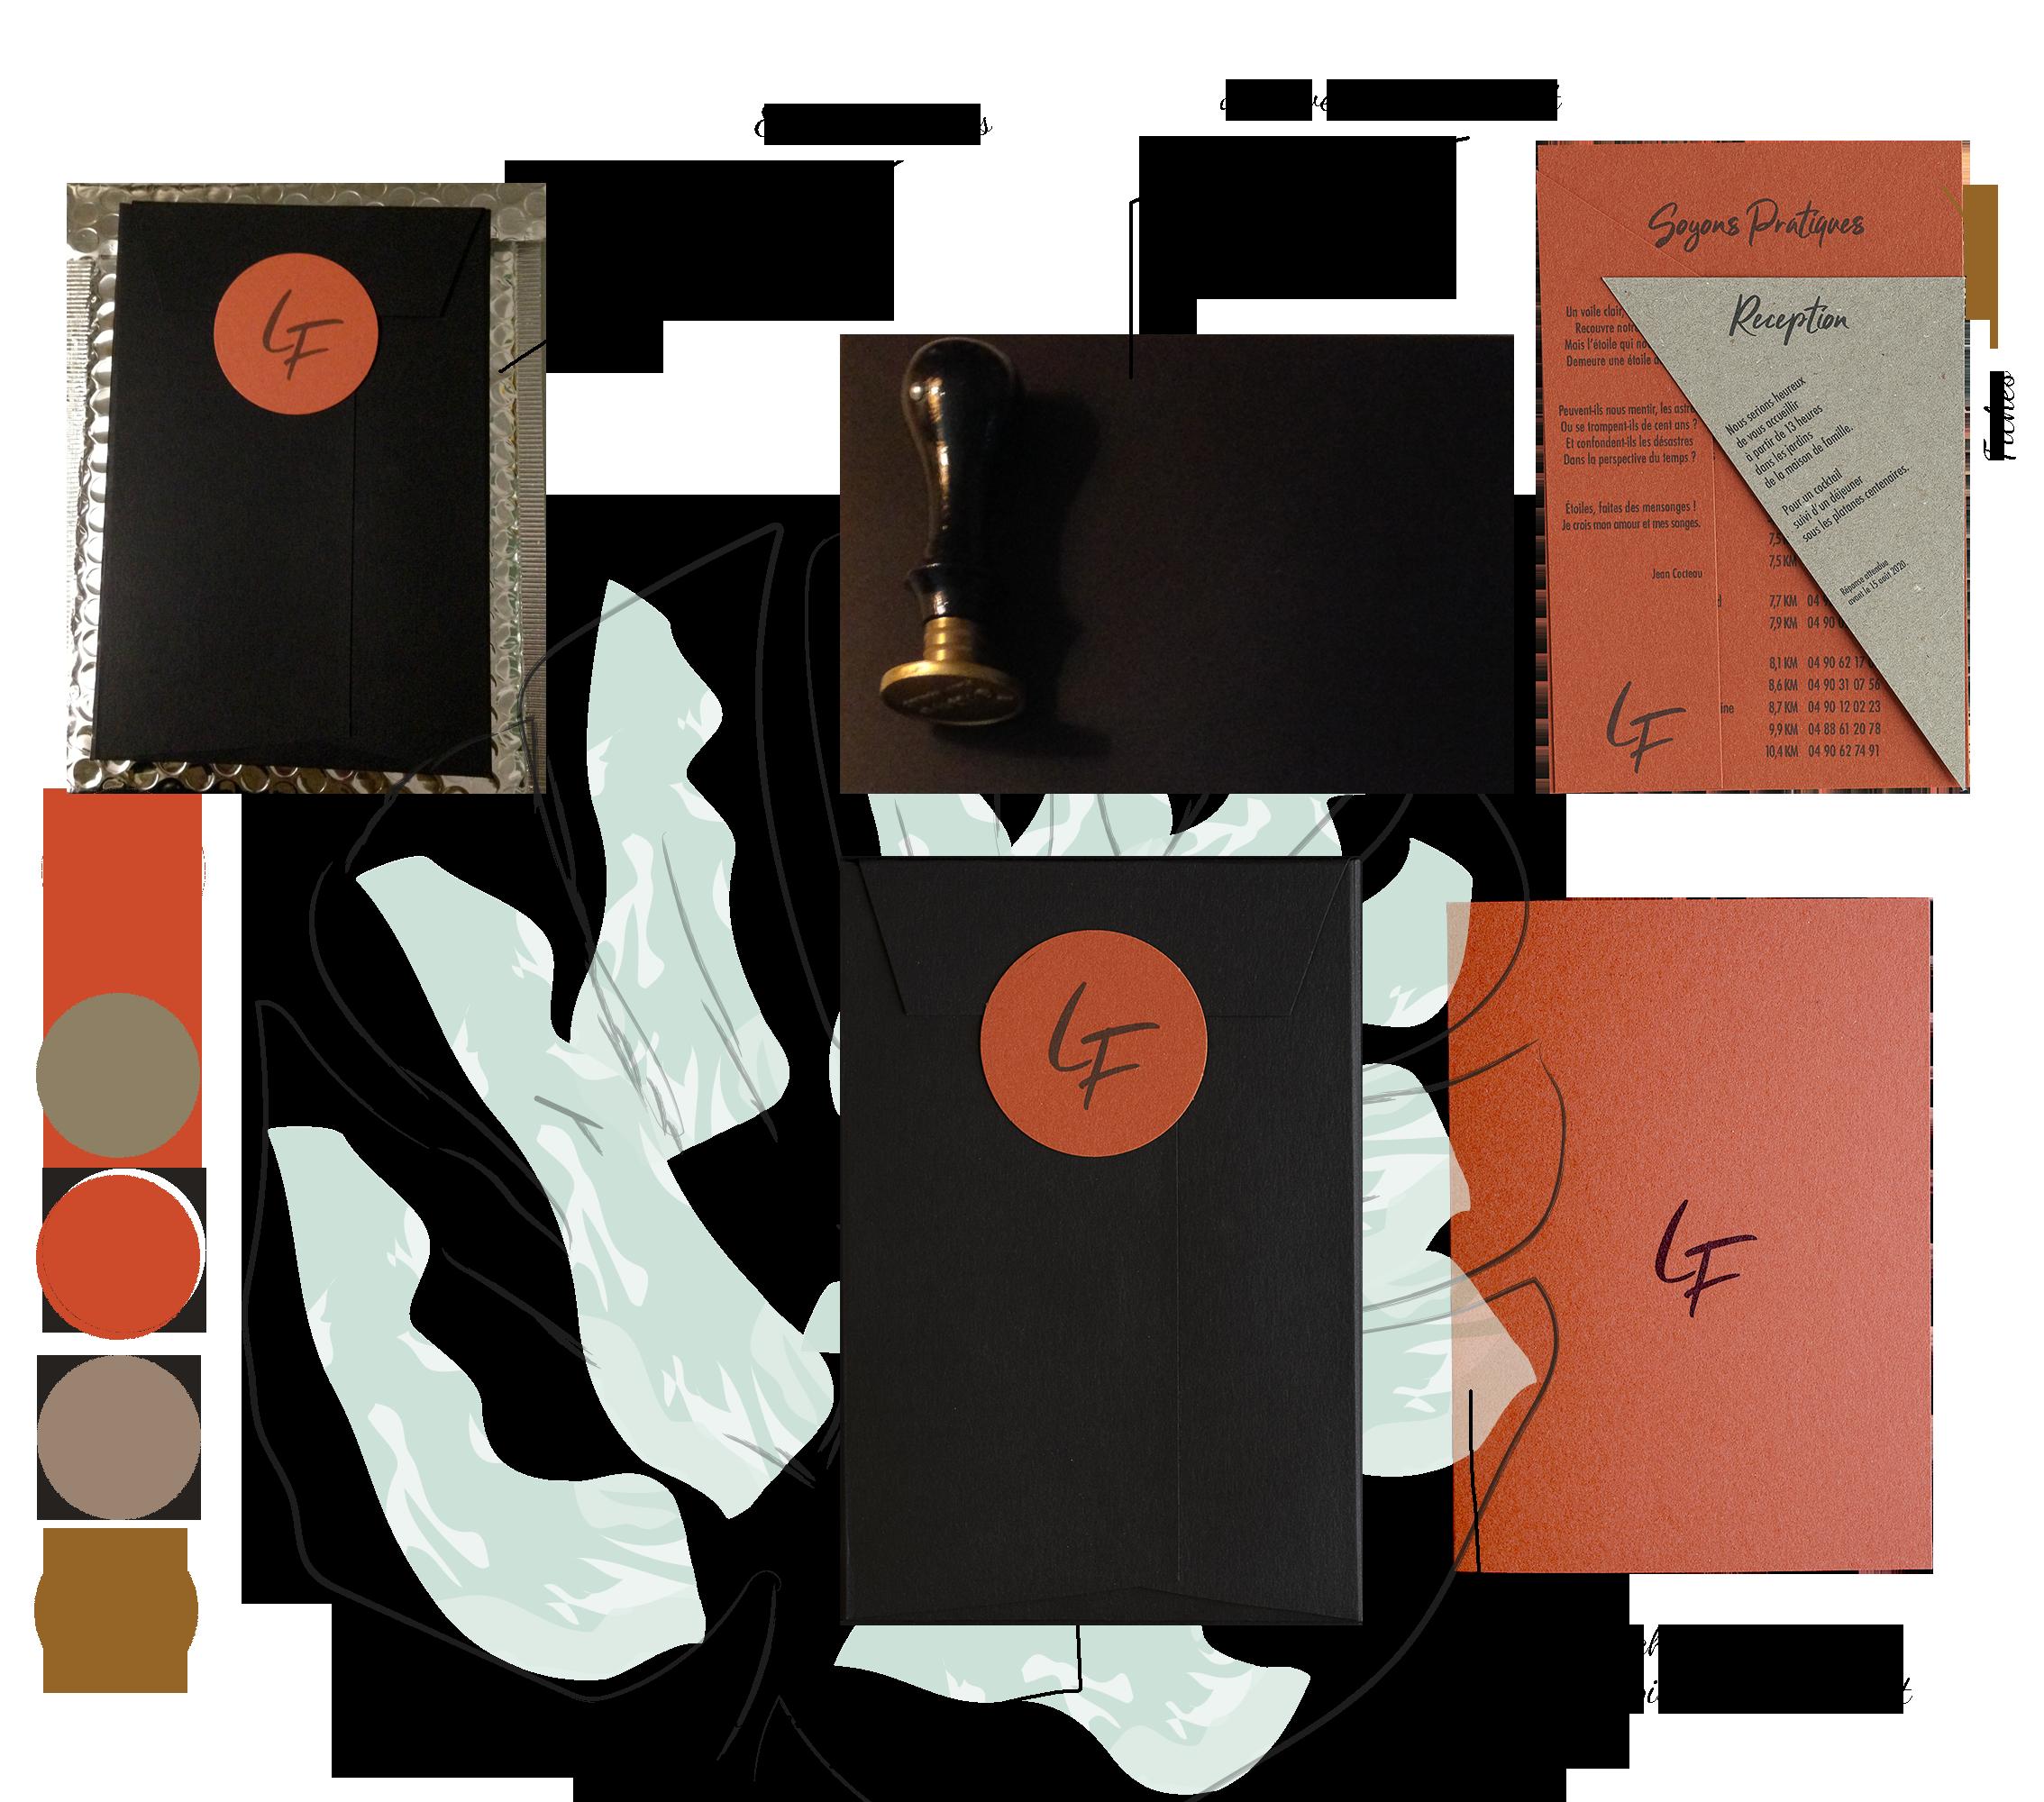 Faire part terra-cotta avec un étui, une pochette, des fiches ainsi que son marque page dédié à la poésie